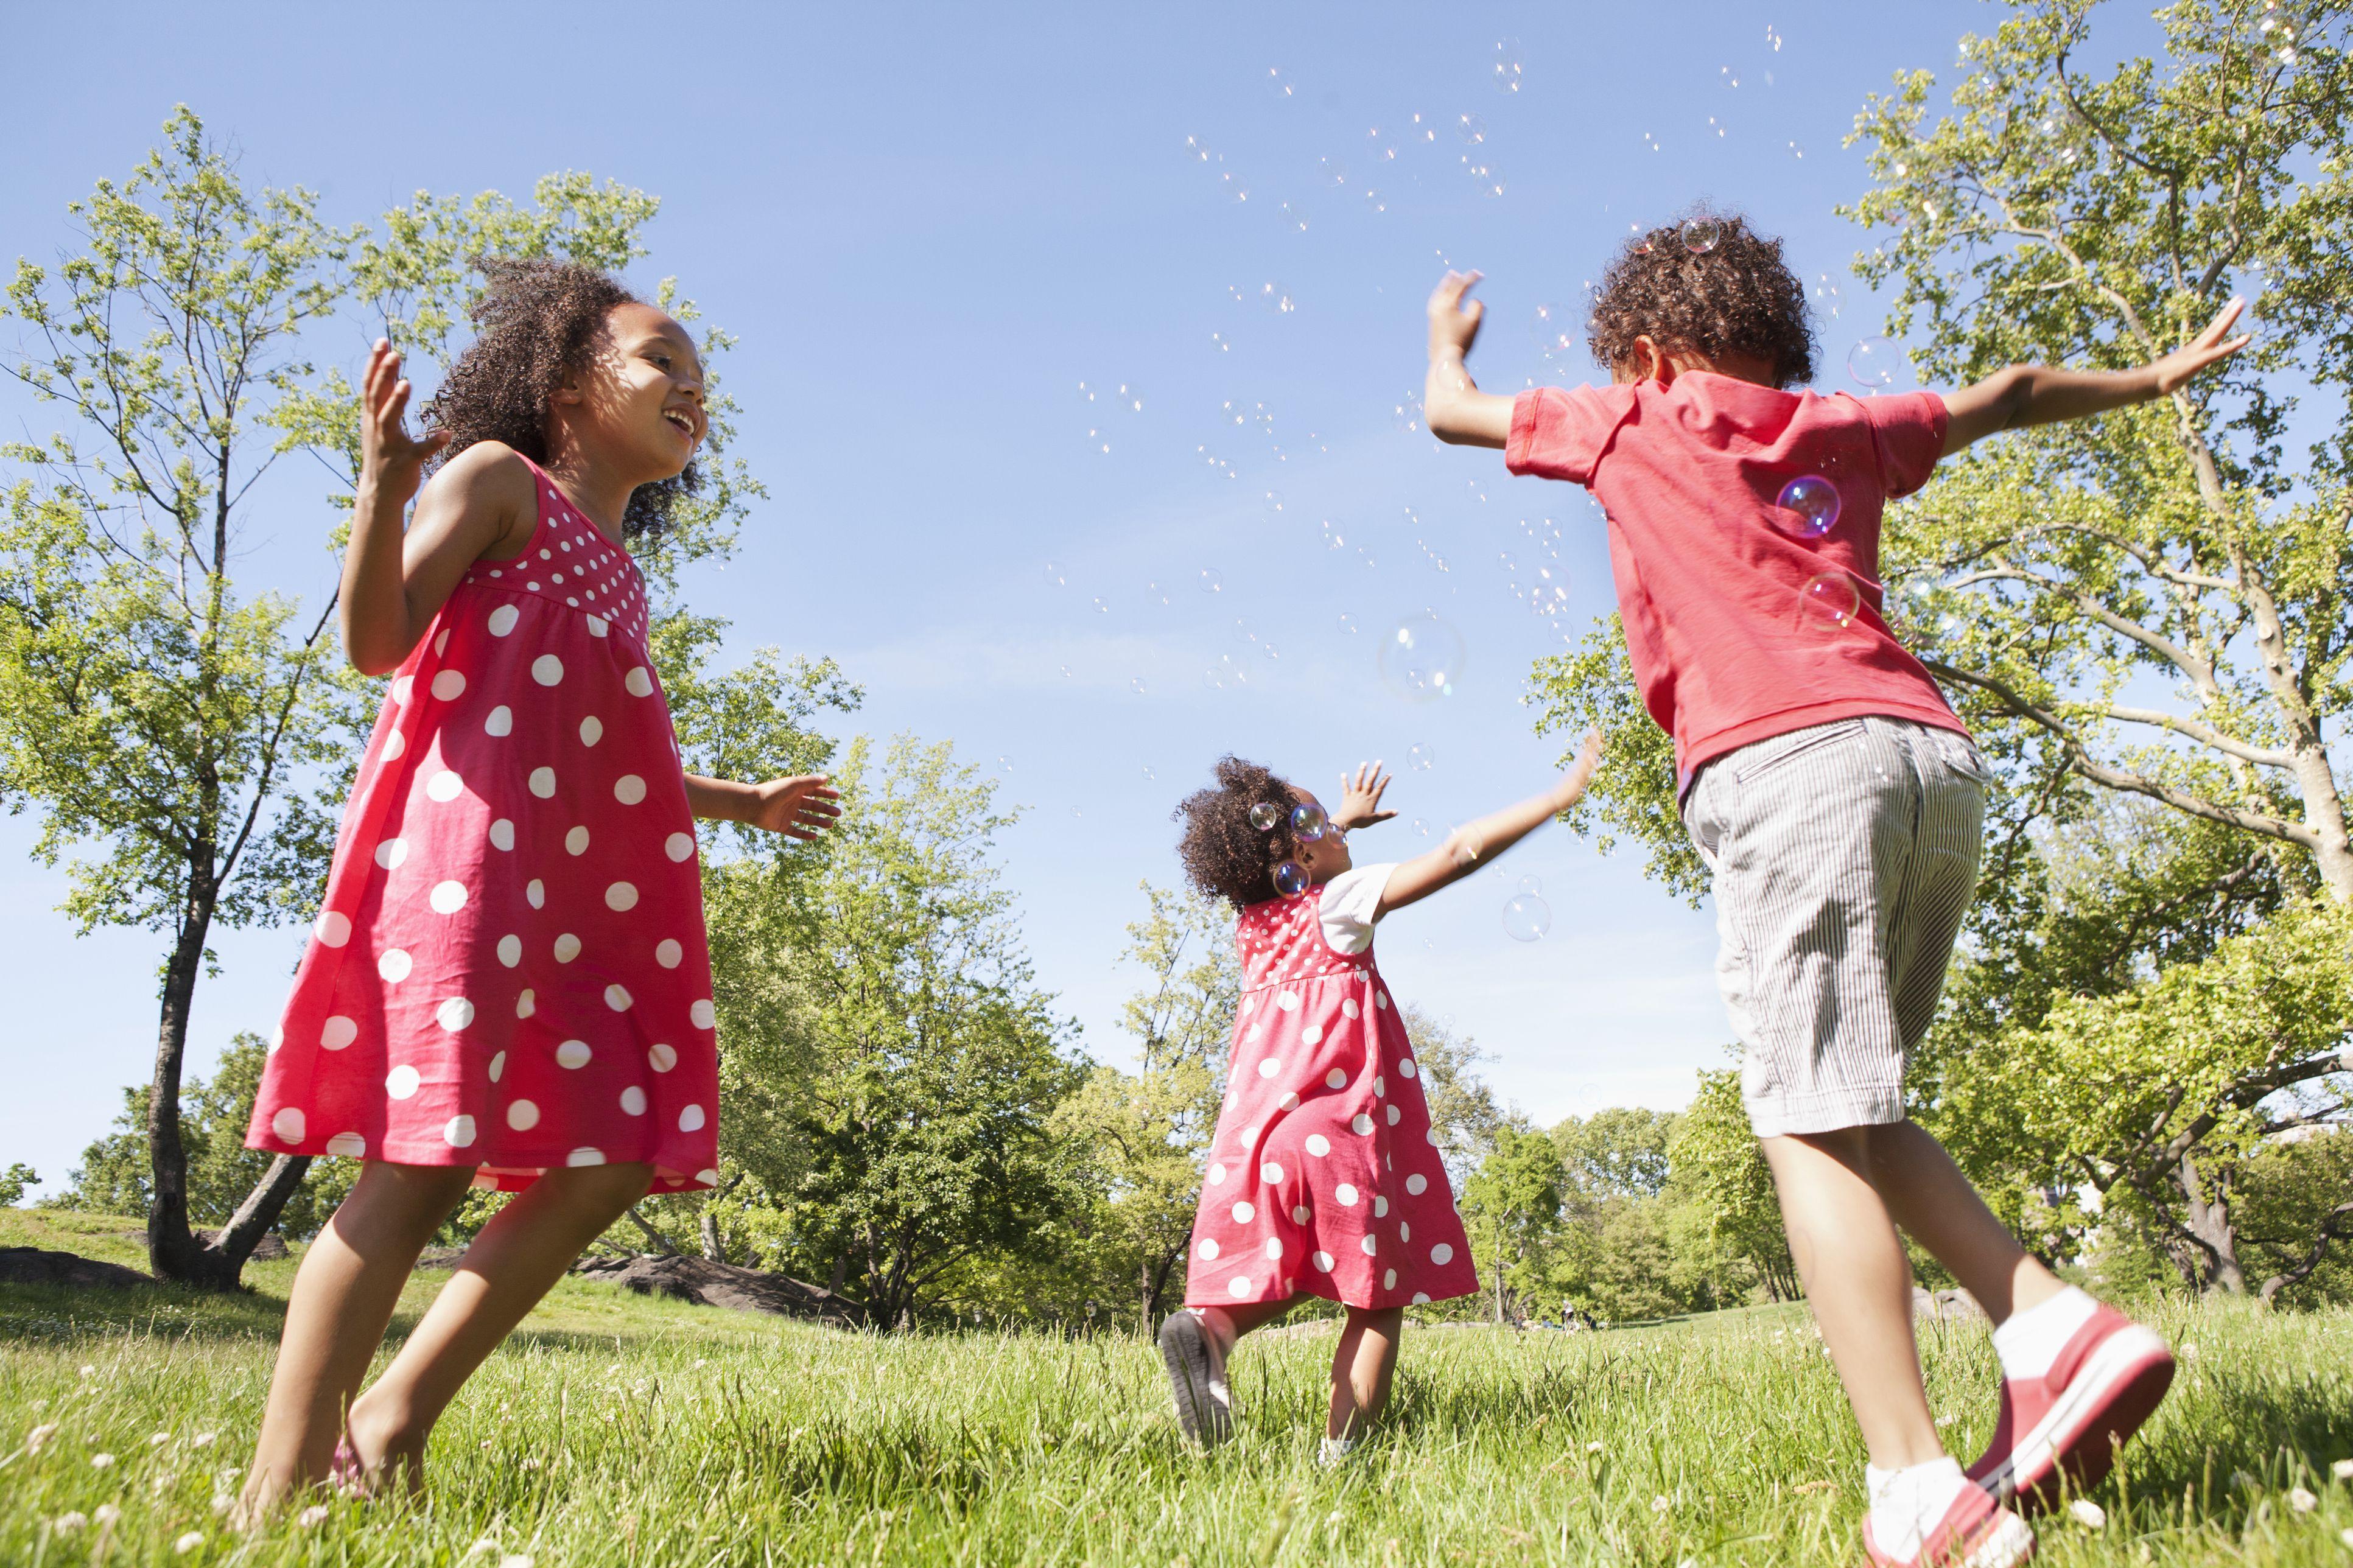 Physical Development Understanding How Kids Grow